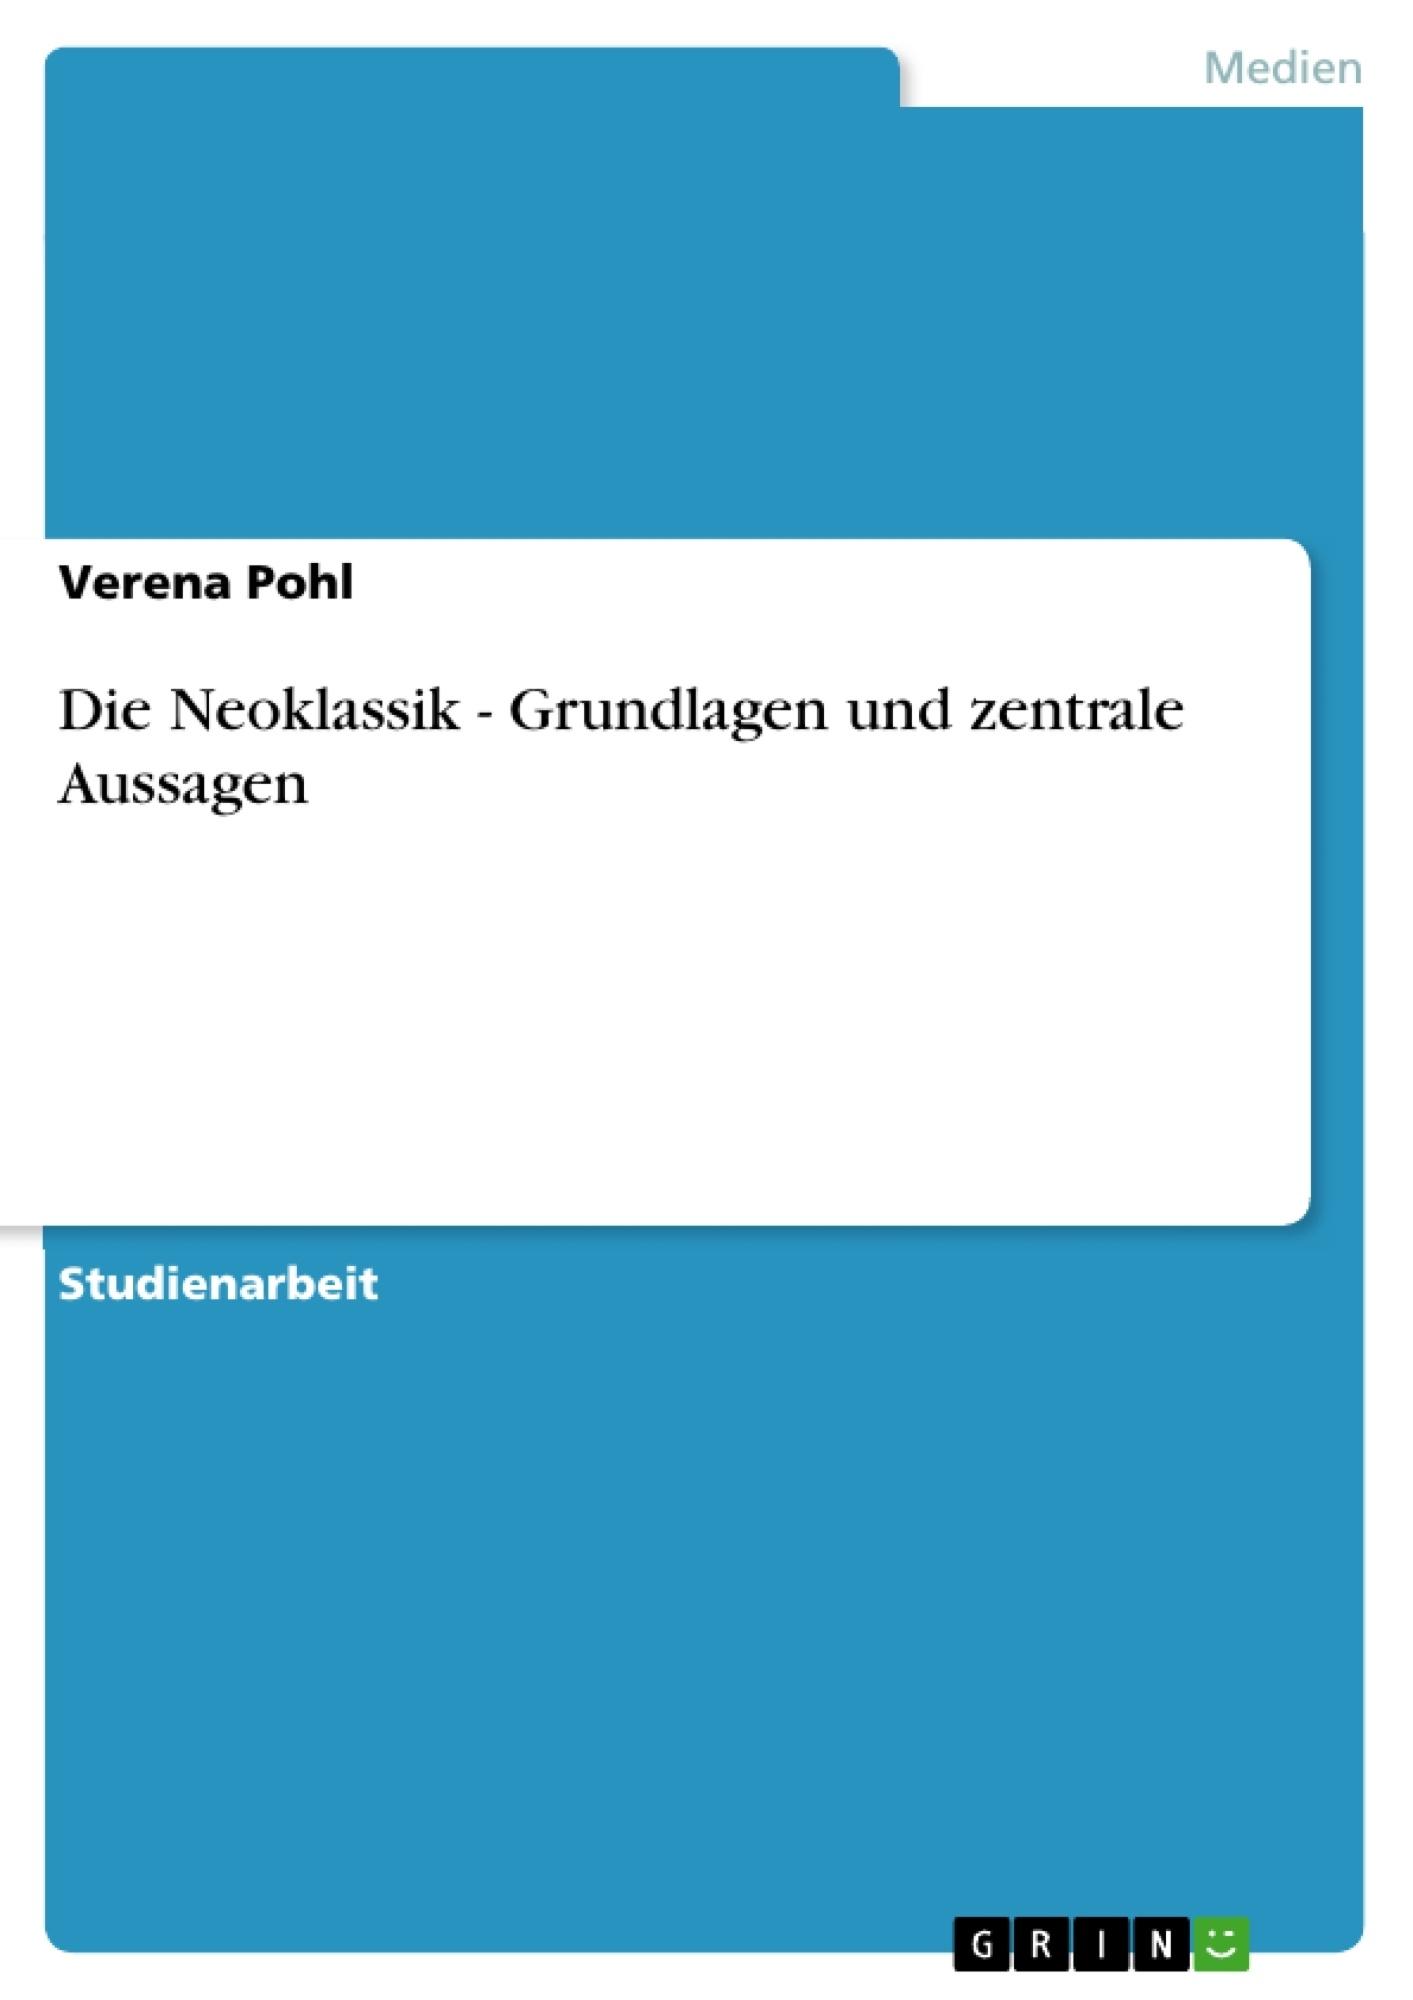 Titel: Die Neoklassik - Grundlagen und zentrale Aussagen